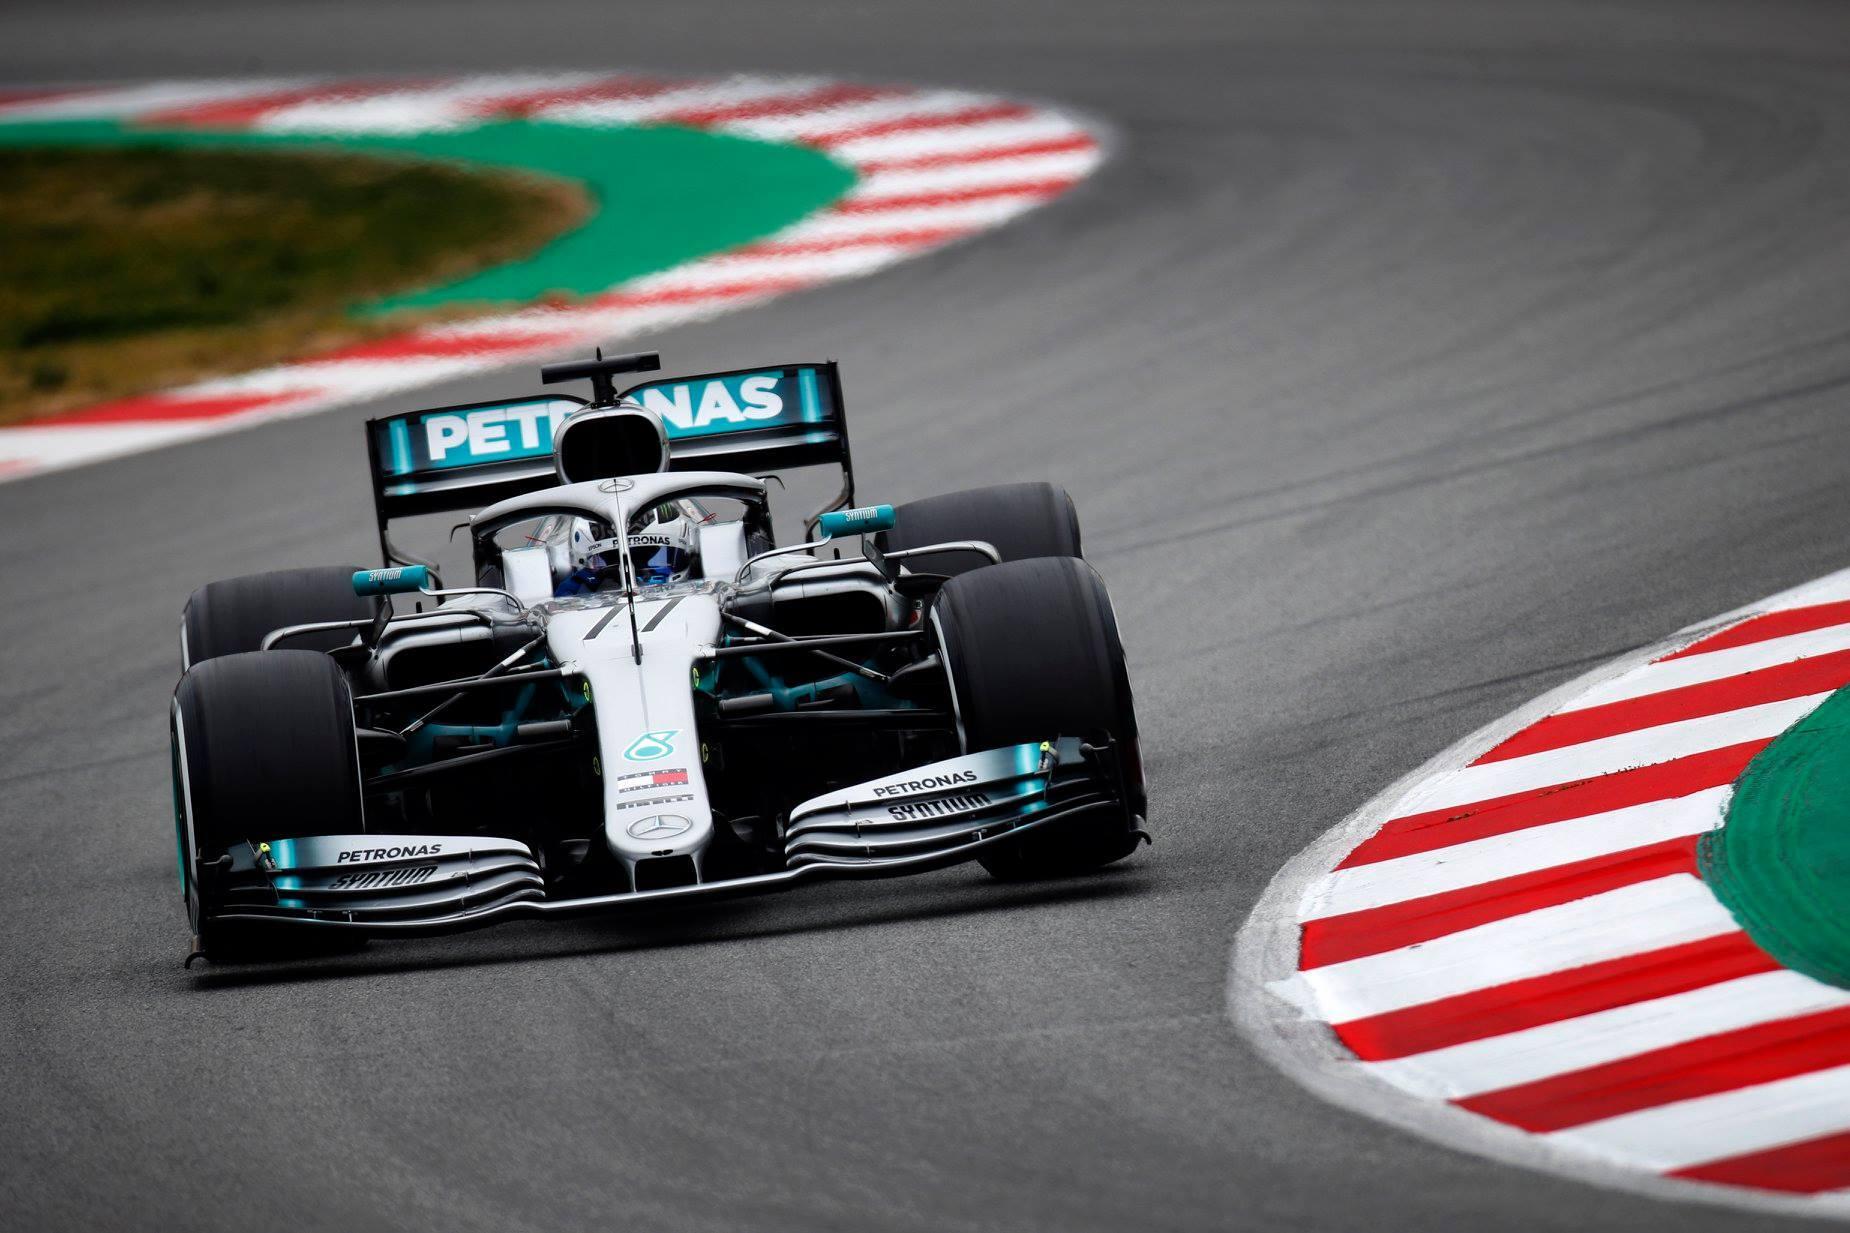 Mercedes spiega cosa è andato storto con Bottas in Brasile - MBenz.it